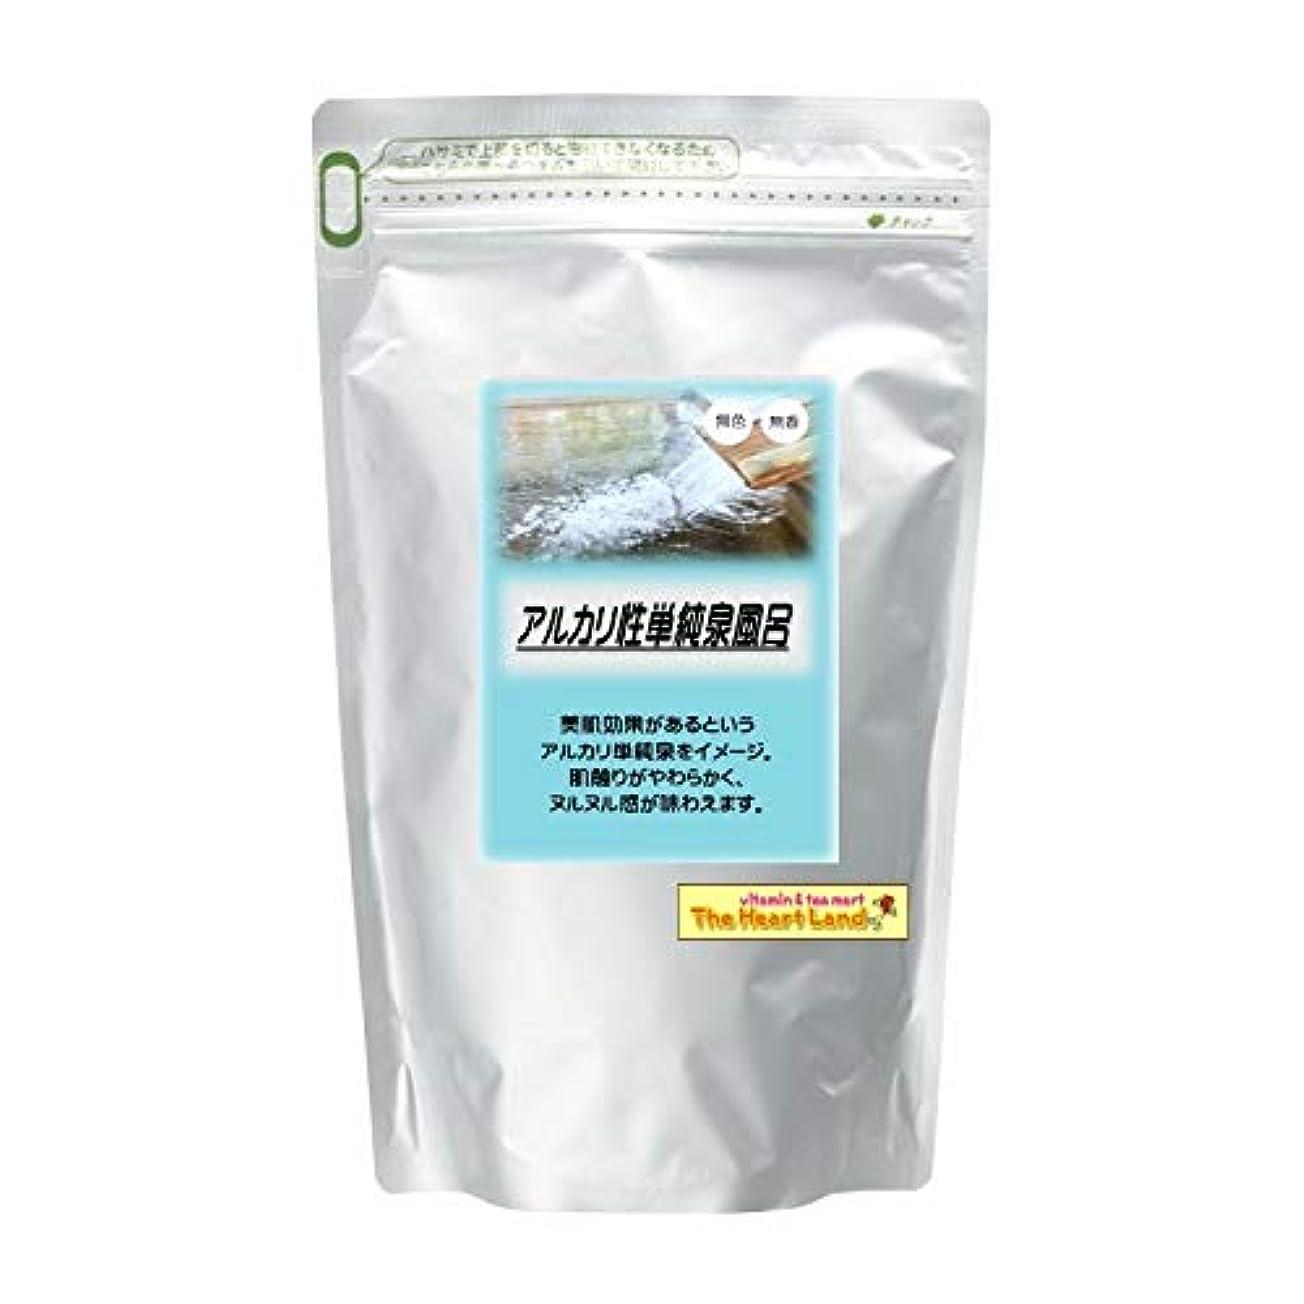 浜辺腹痛コンベンションアサヒ入浴剤 浴用入浴化粧品 アルカリ性単純泉風呂 2.5kg